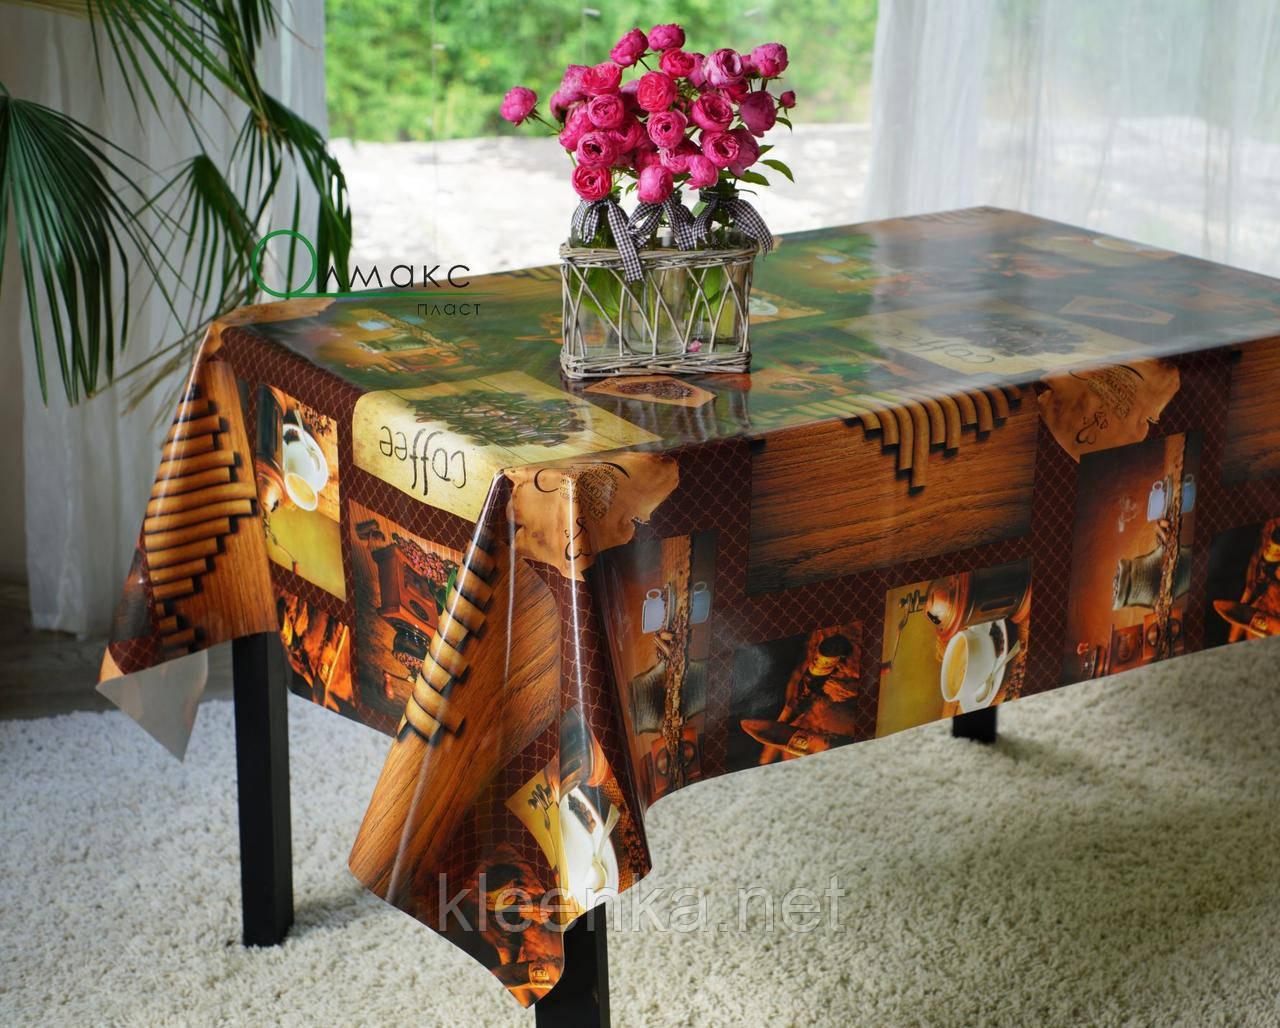 Клеенка на стол на тканевой основе рисунок Кофе в кафе, столовую, для дома